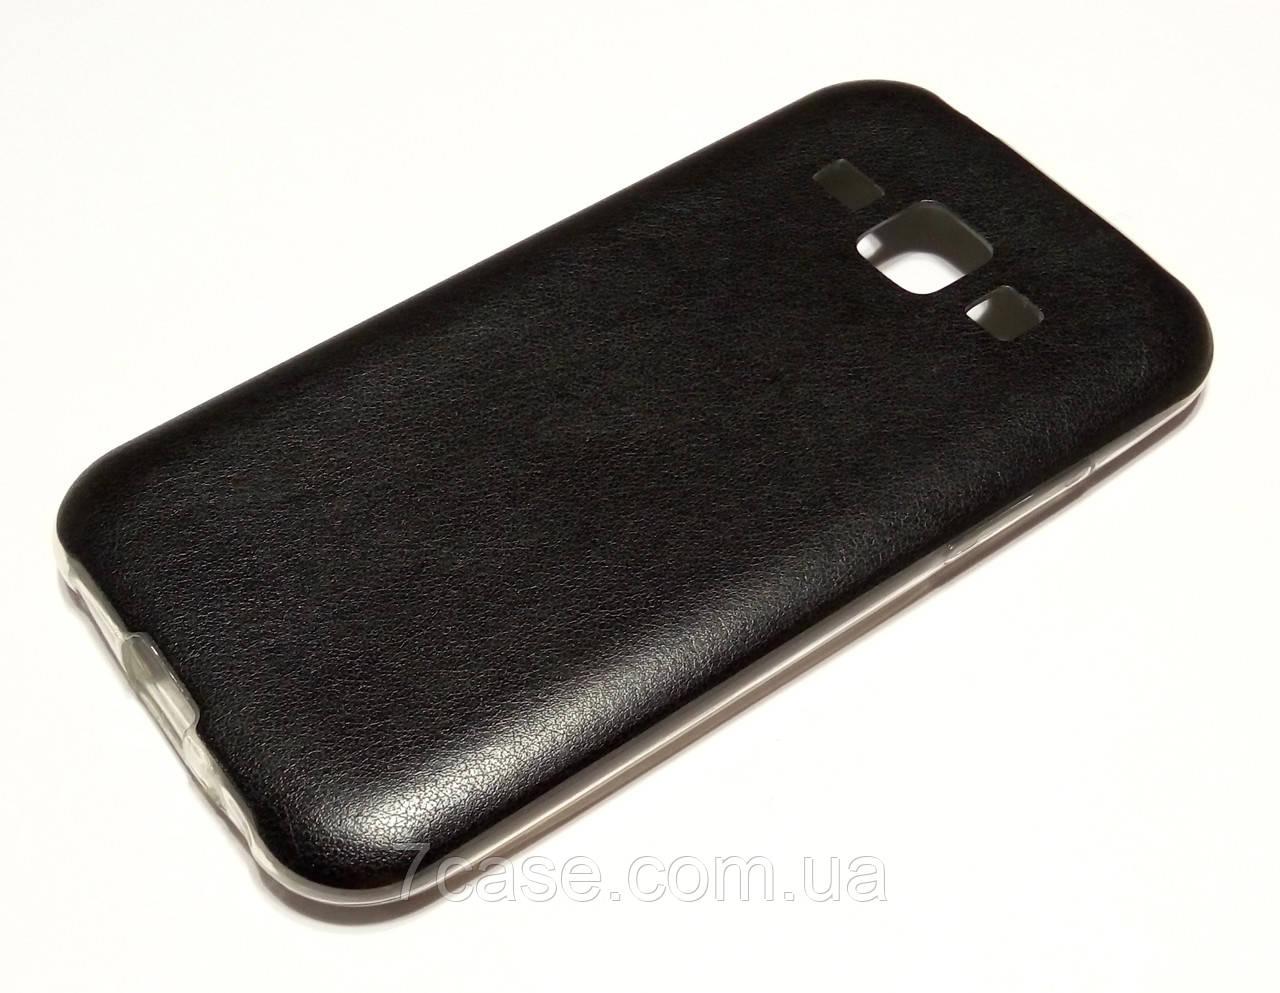 Чохол для Samsung Galaxy J1 j100 (2015) силіконовий під шкіру чорний